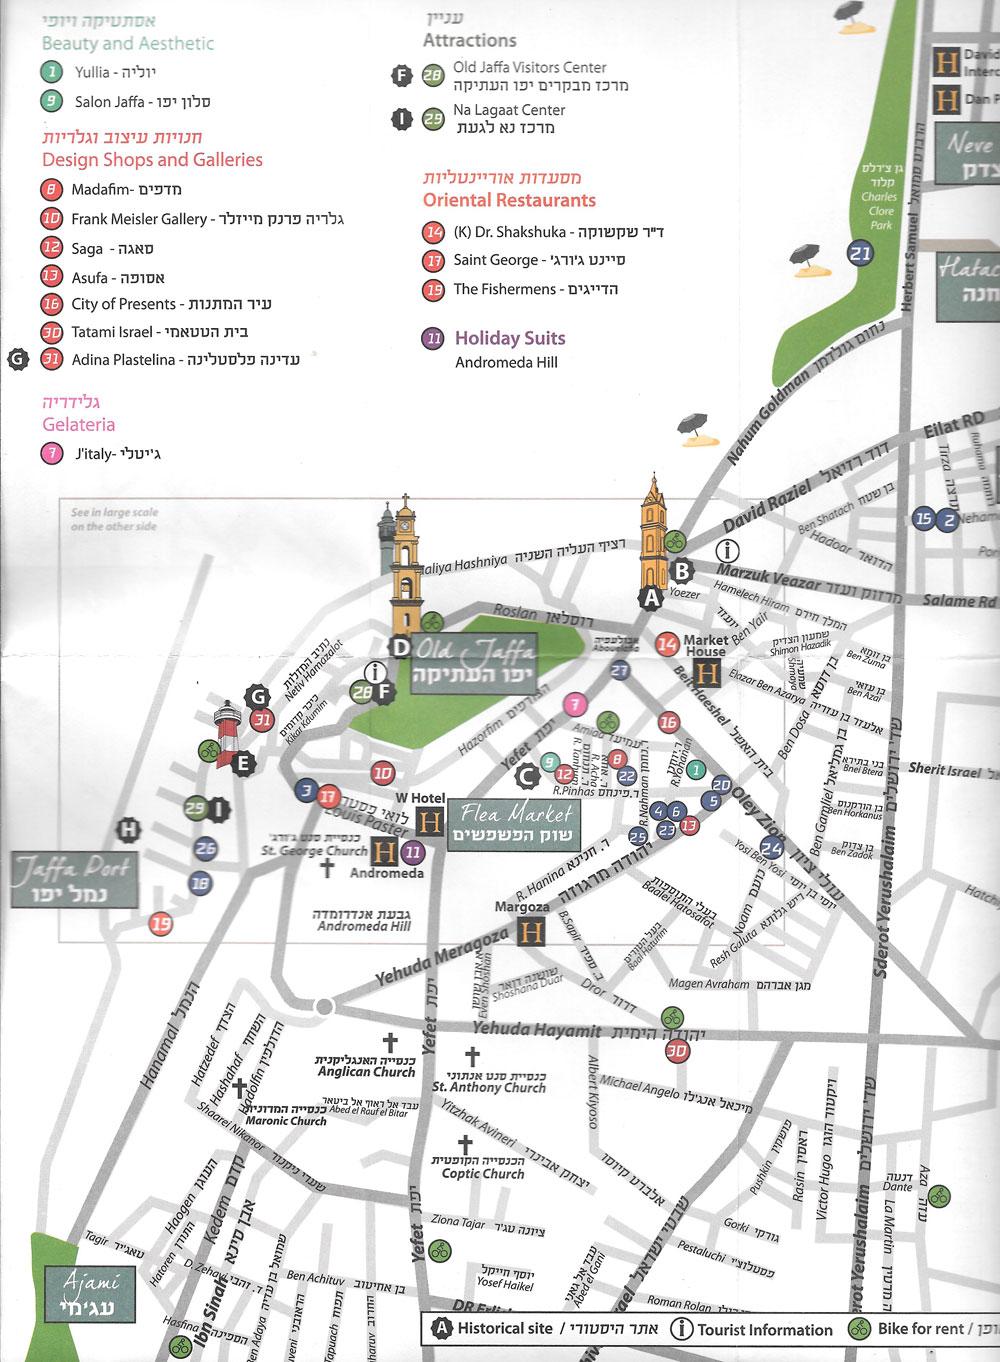 מפת התיירות העירונית